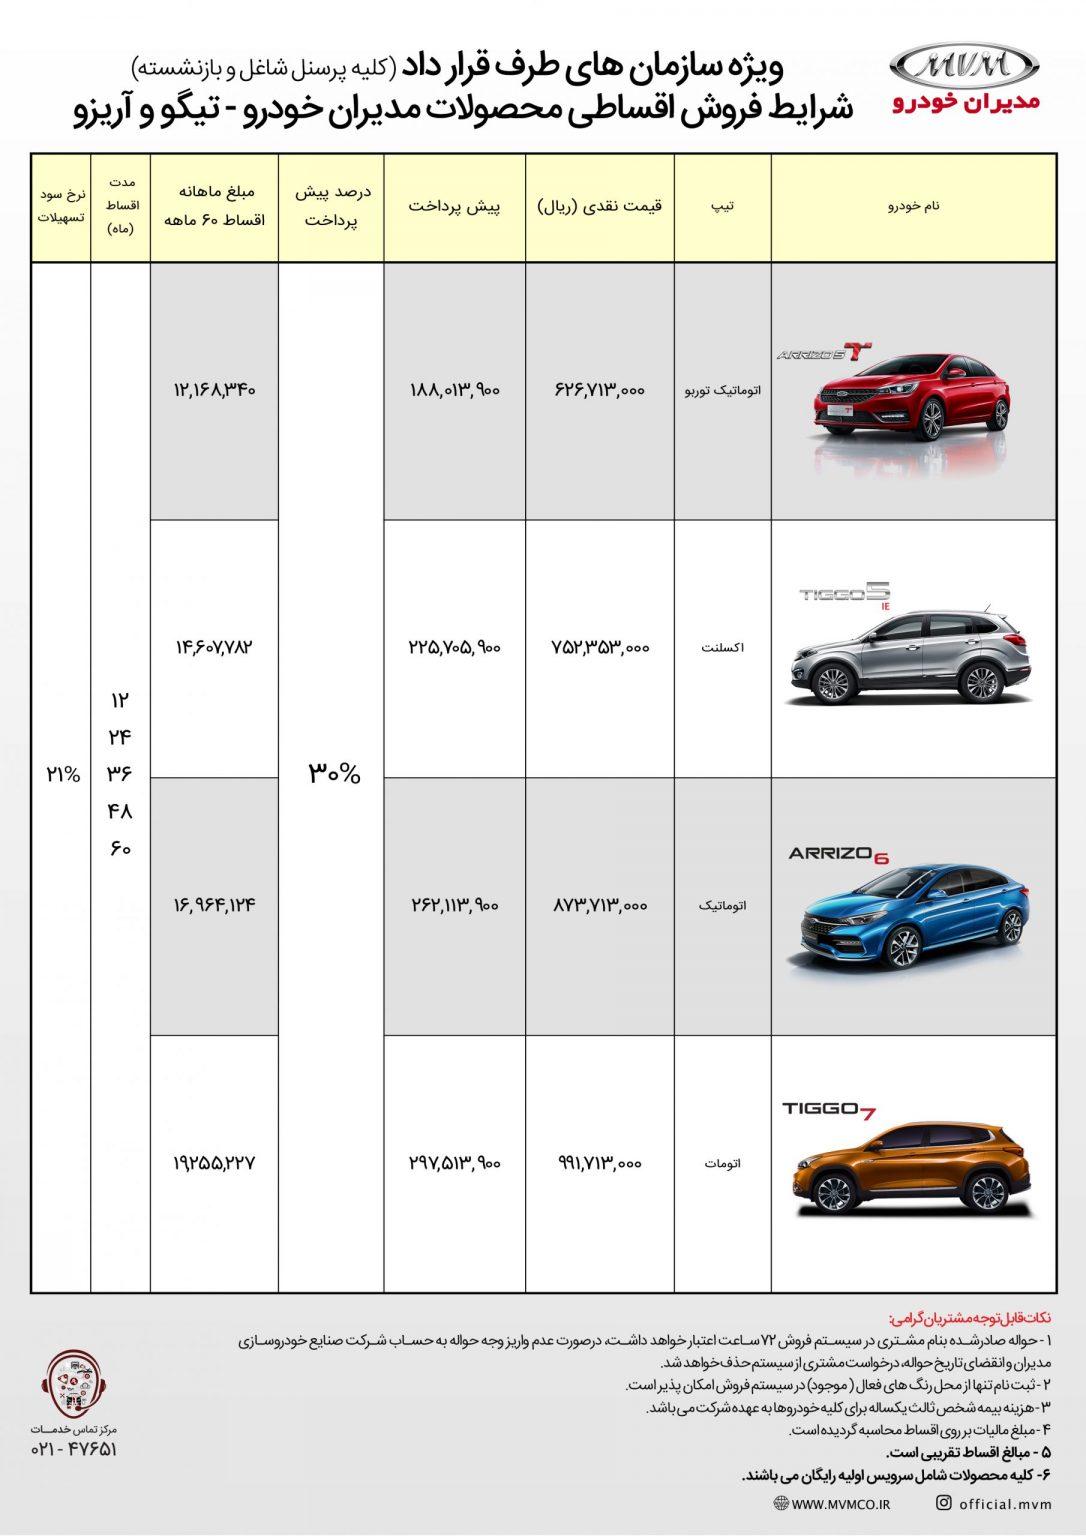 طرح فروش قسطی خودرو به بازنشستگان + جزئیات